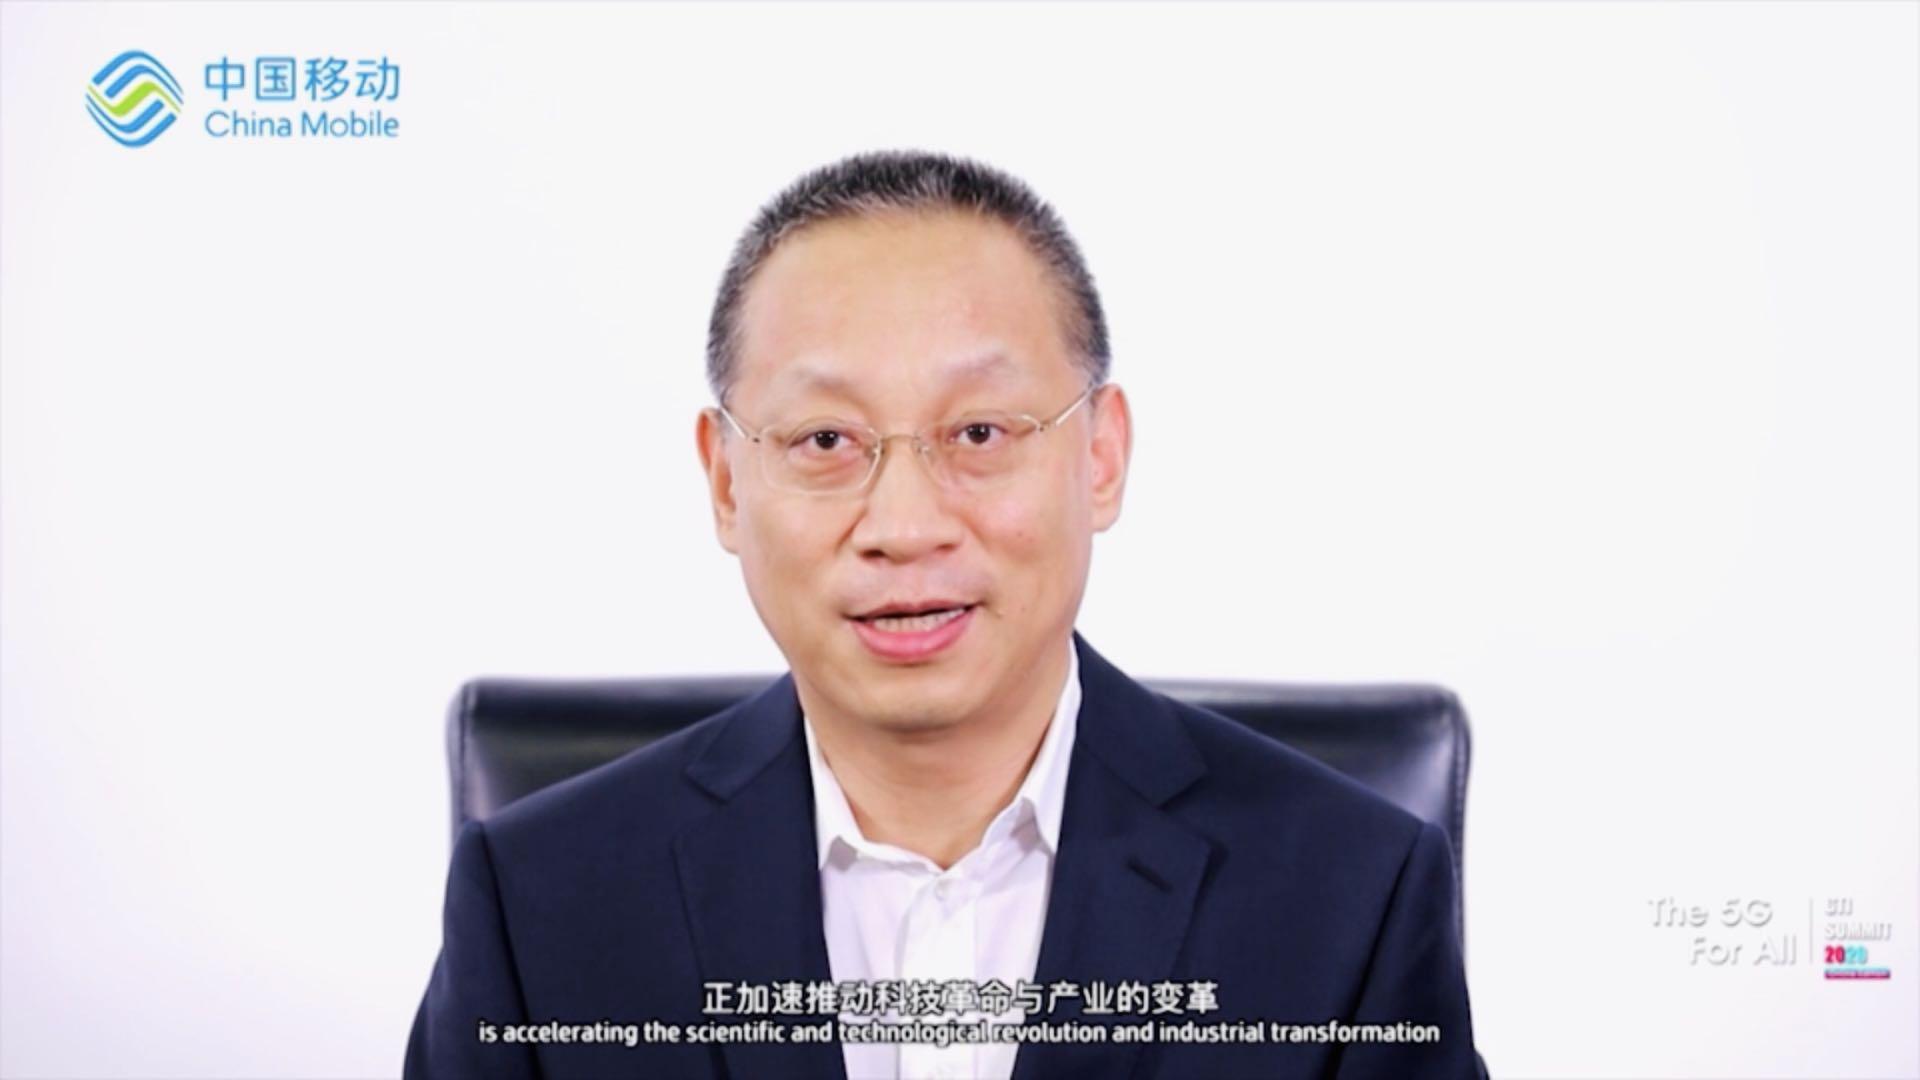 """中国移动董昕:数字经济""""出圈""""运营,5G应用大显身手"""